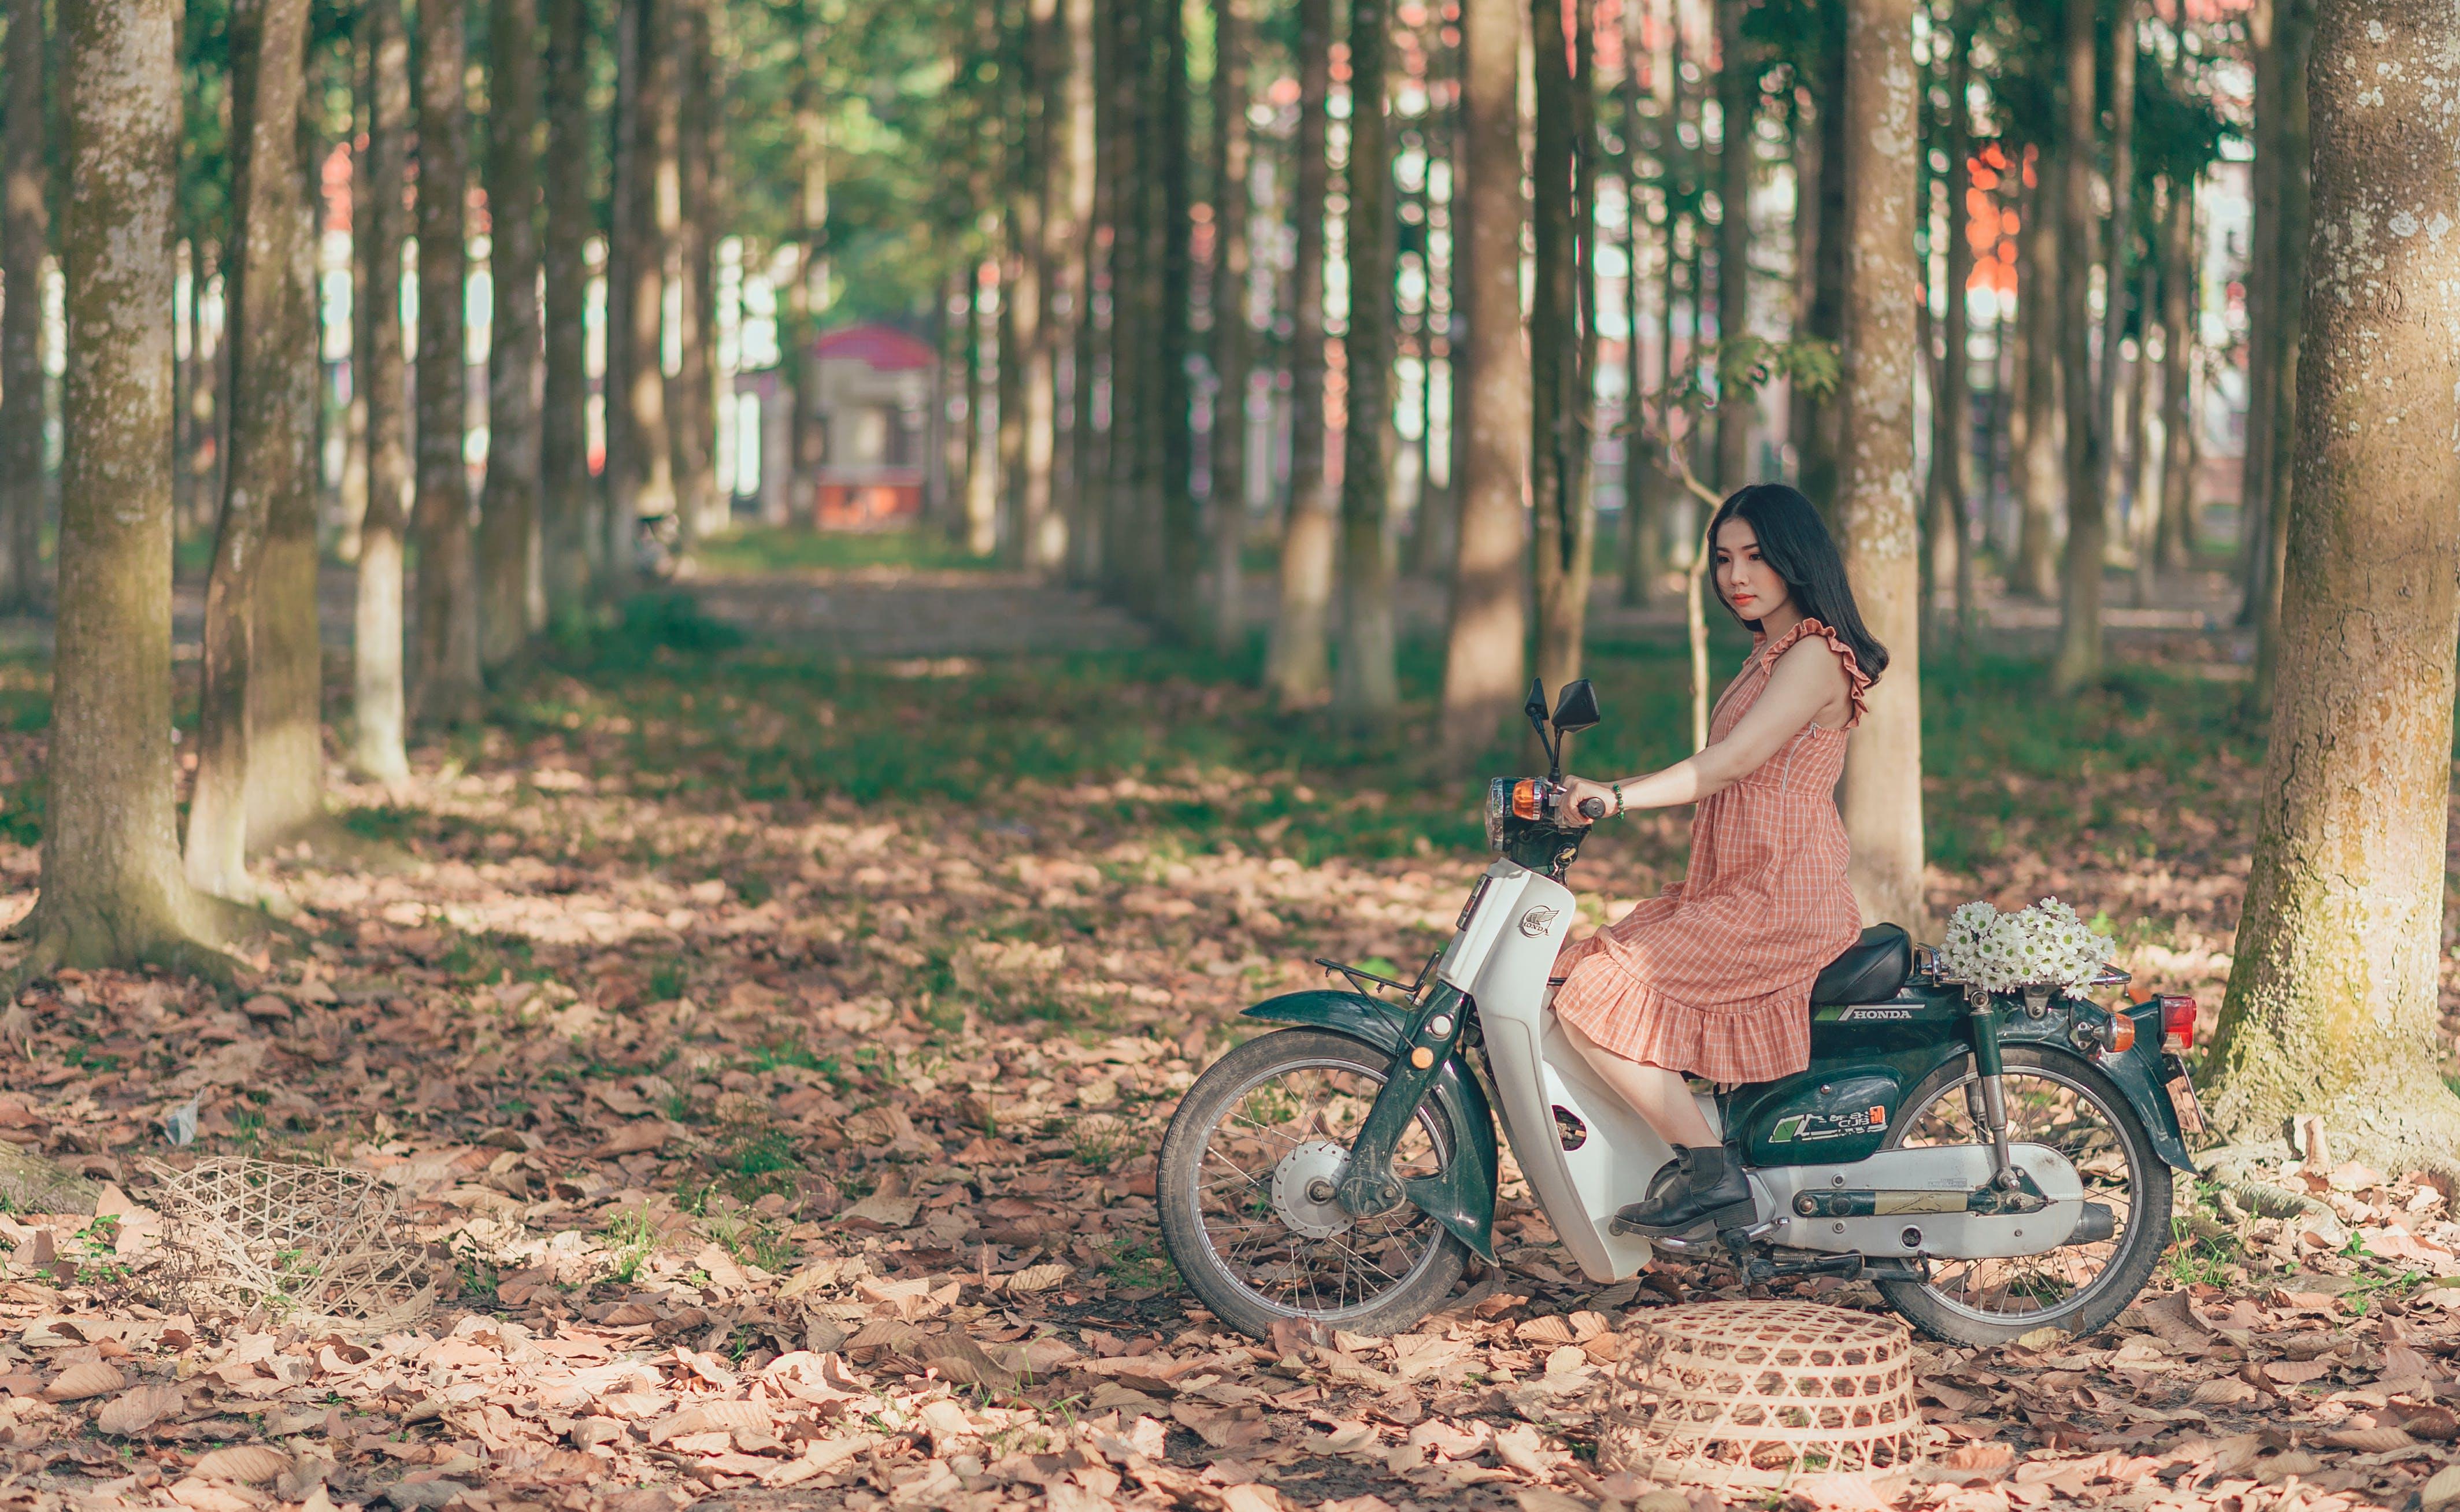 Woman Riding Underbone Motorcycle Between Trees